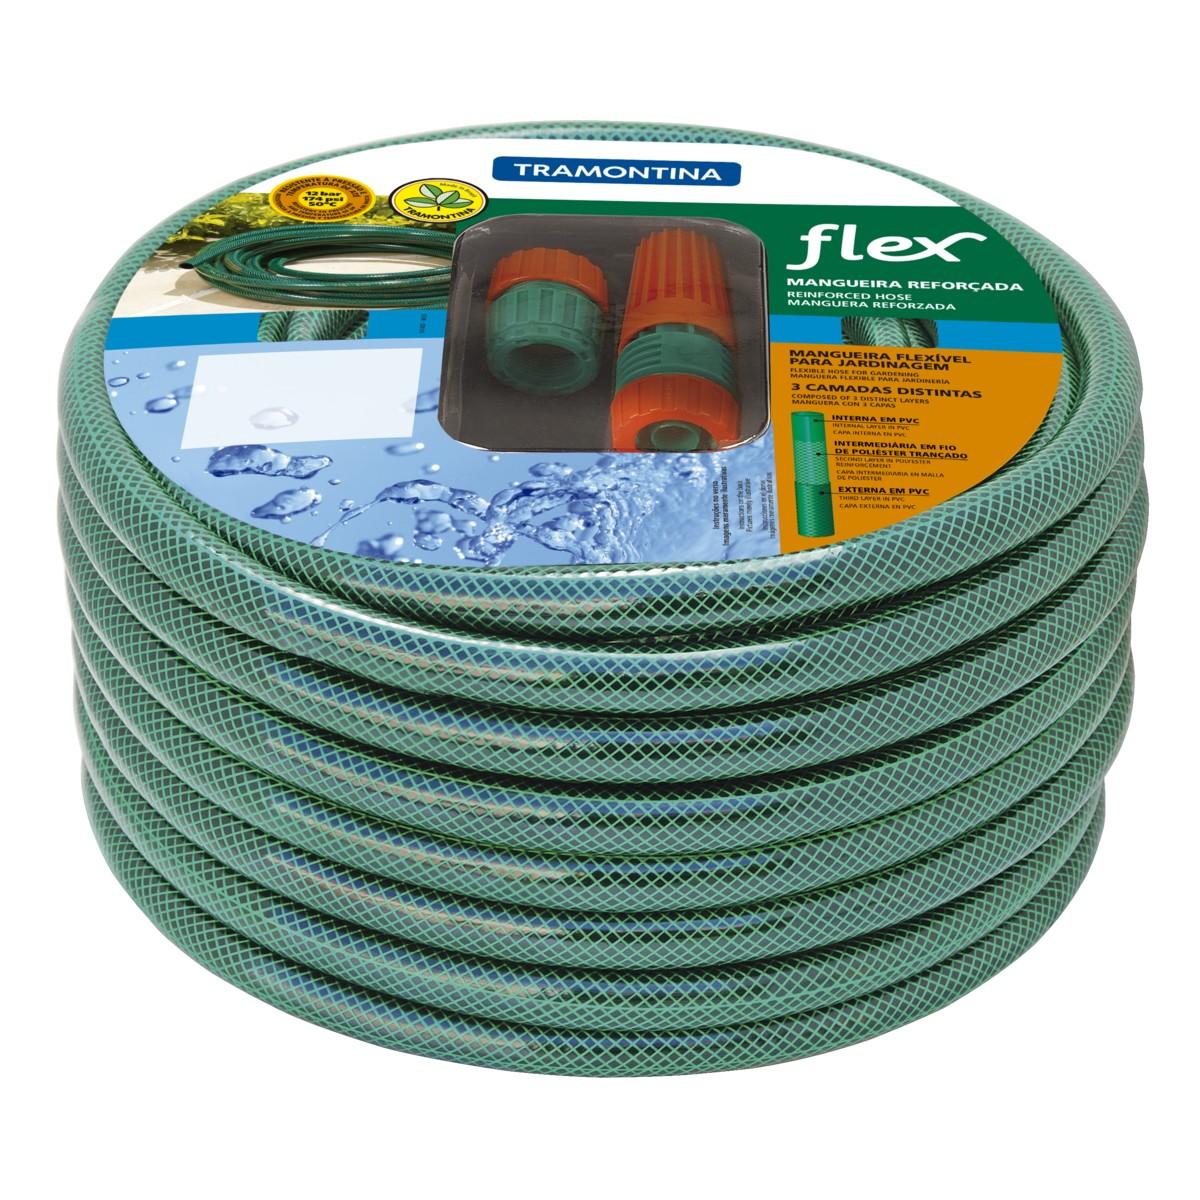 Mangueira Flex em PVC com Engate Rosqueado e Esguicho 30m Verde - Tramontina